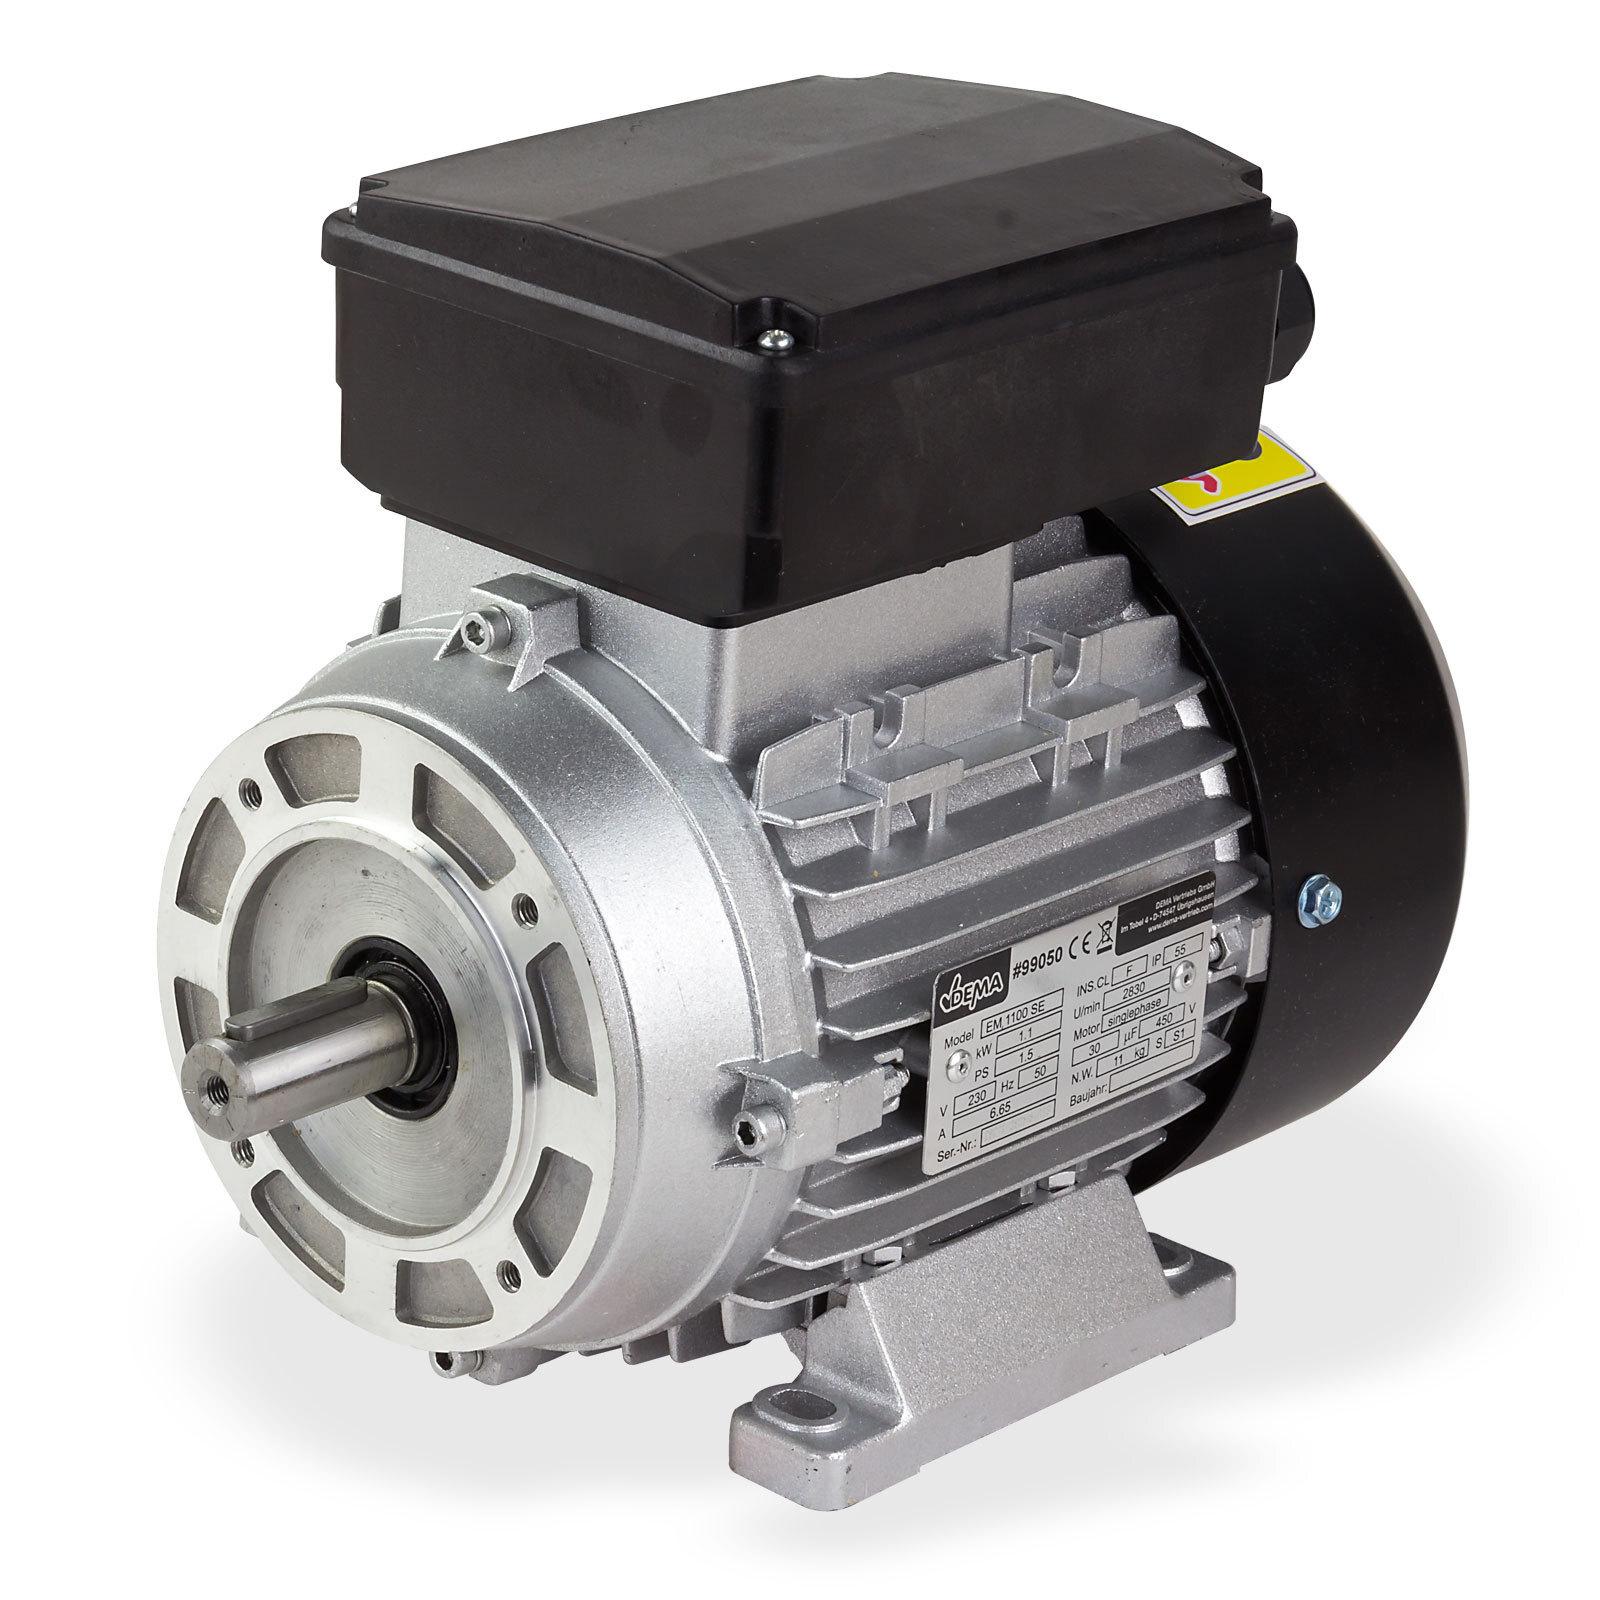 Motor 250W 2,5A Einphasen Elektromotor Lüftermotor Gebläse NEU 230V 1400U//min